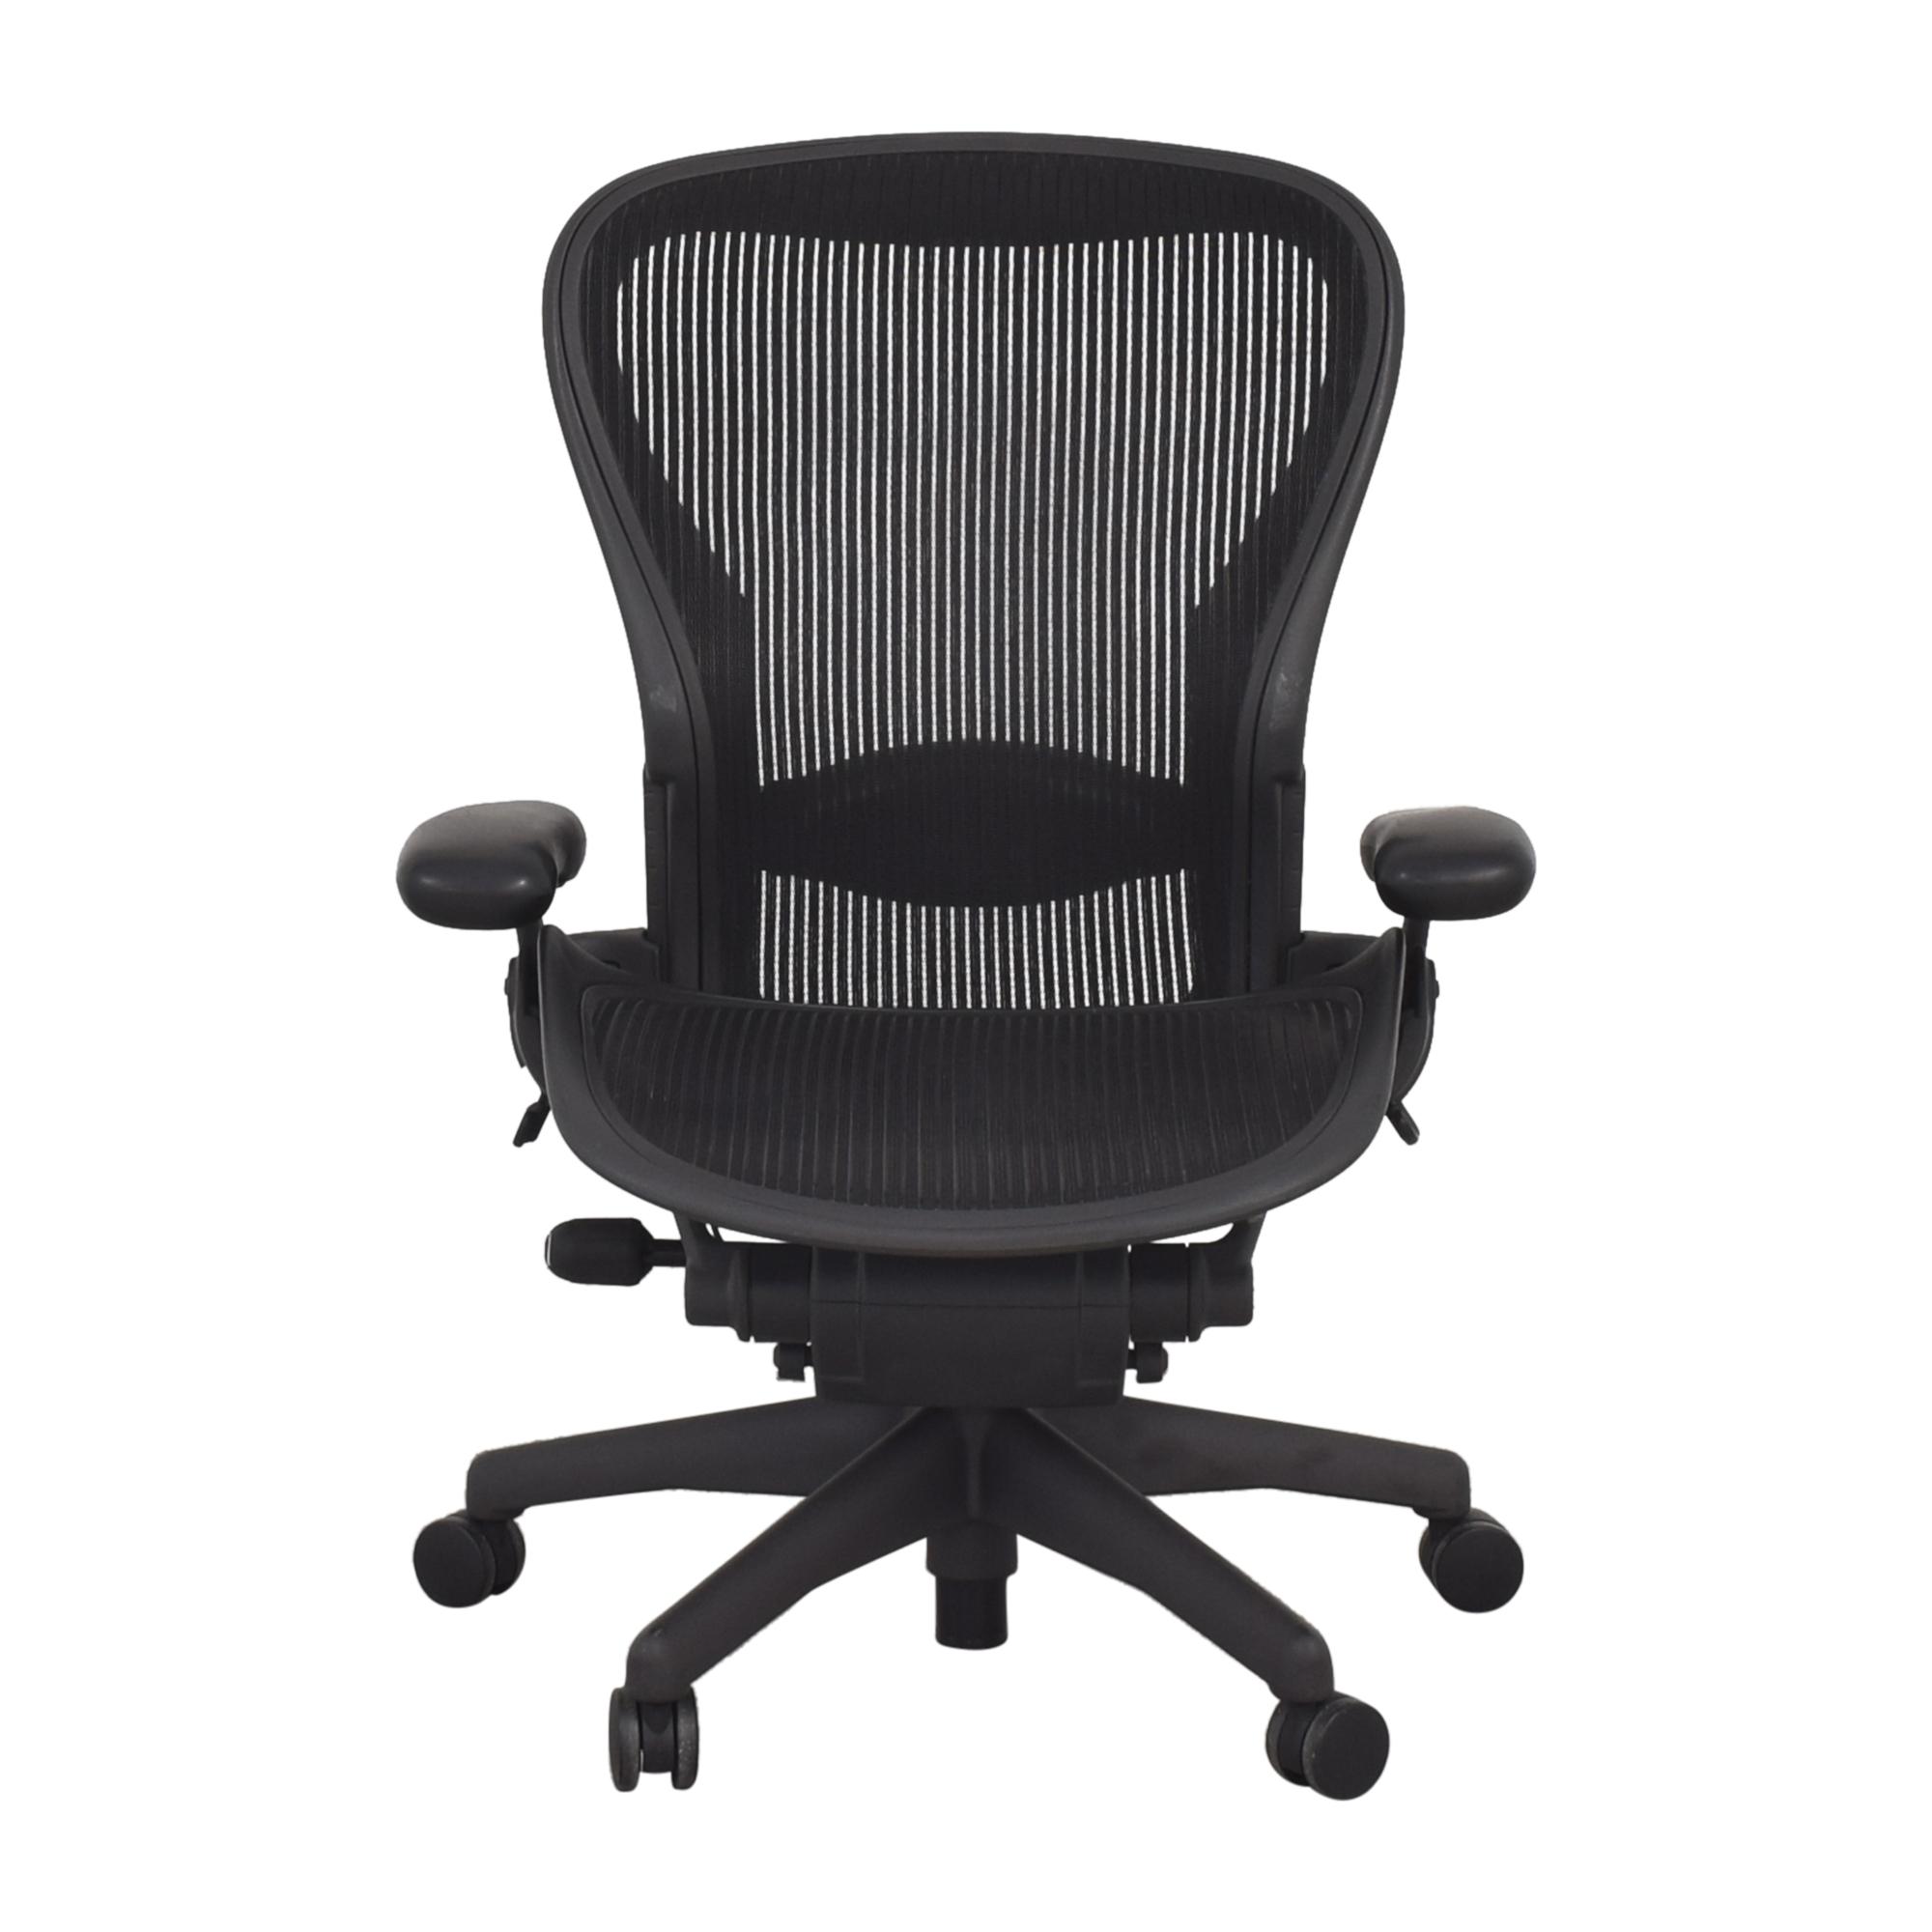 Herman Miller Herman Miller Size C Aeron Chair nj